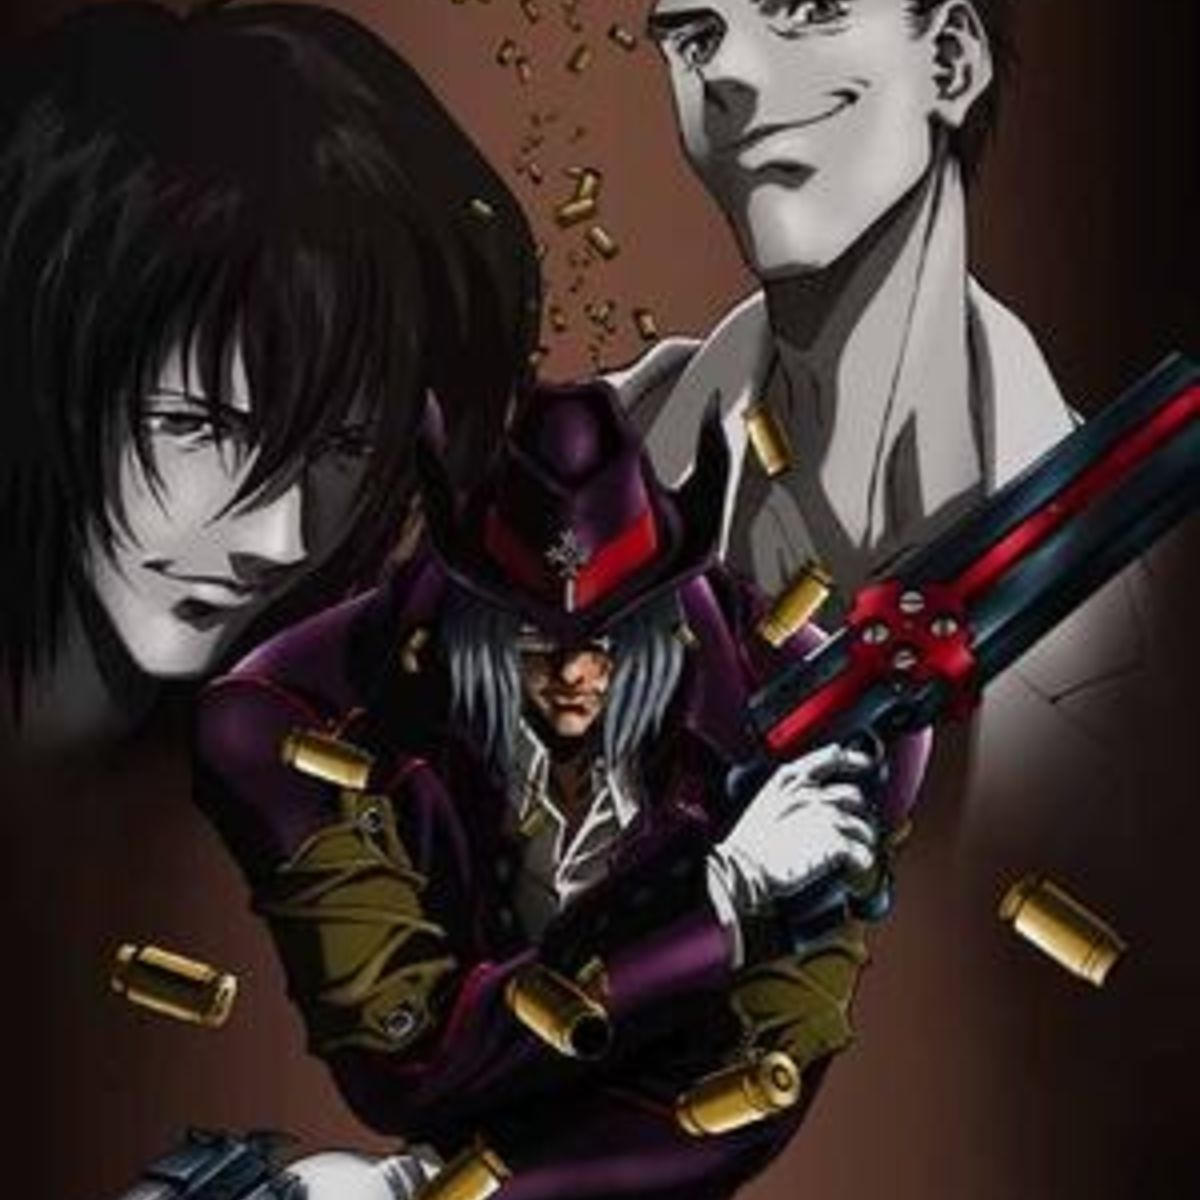 gungrave_manga.jpg